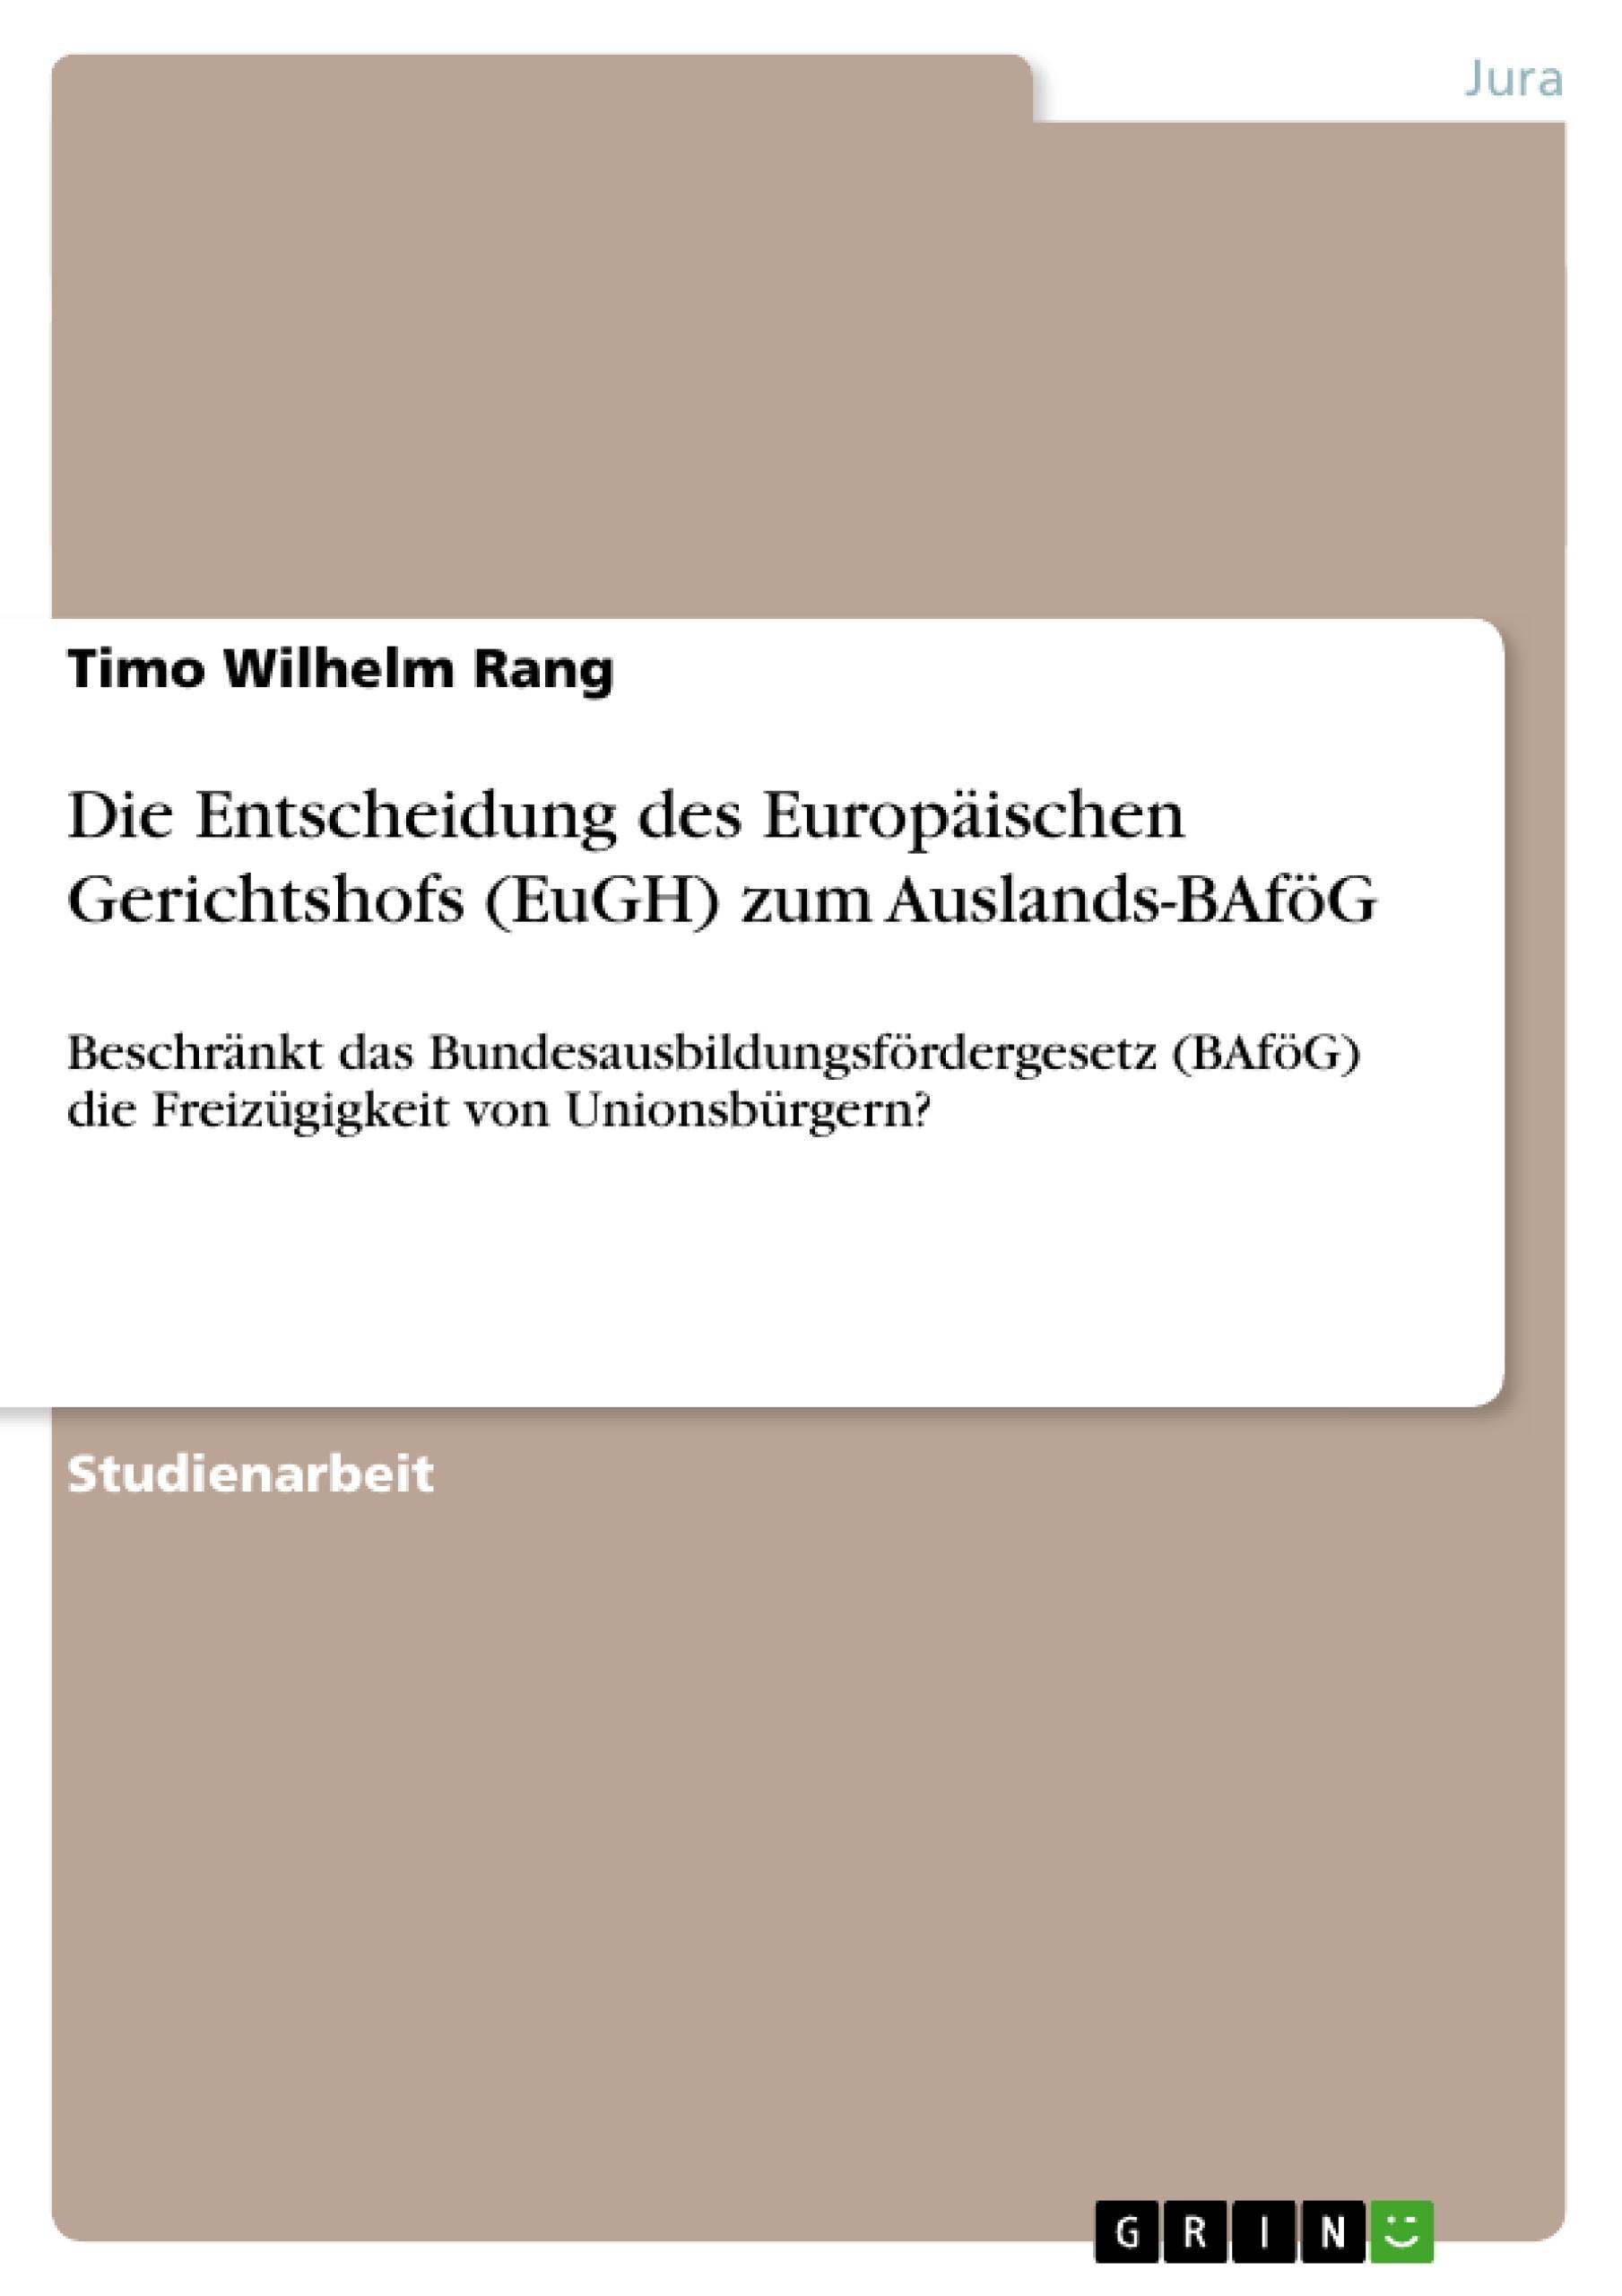 Titel: Die Entscheidung des Europäischen Gerichtshofs (EuGH) zum Auslands-BAföG